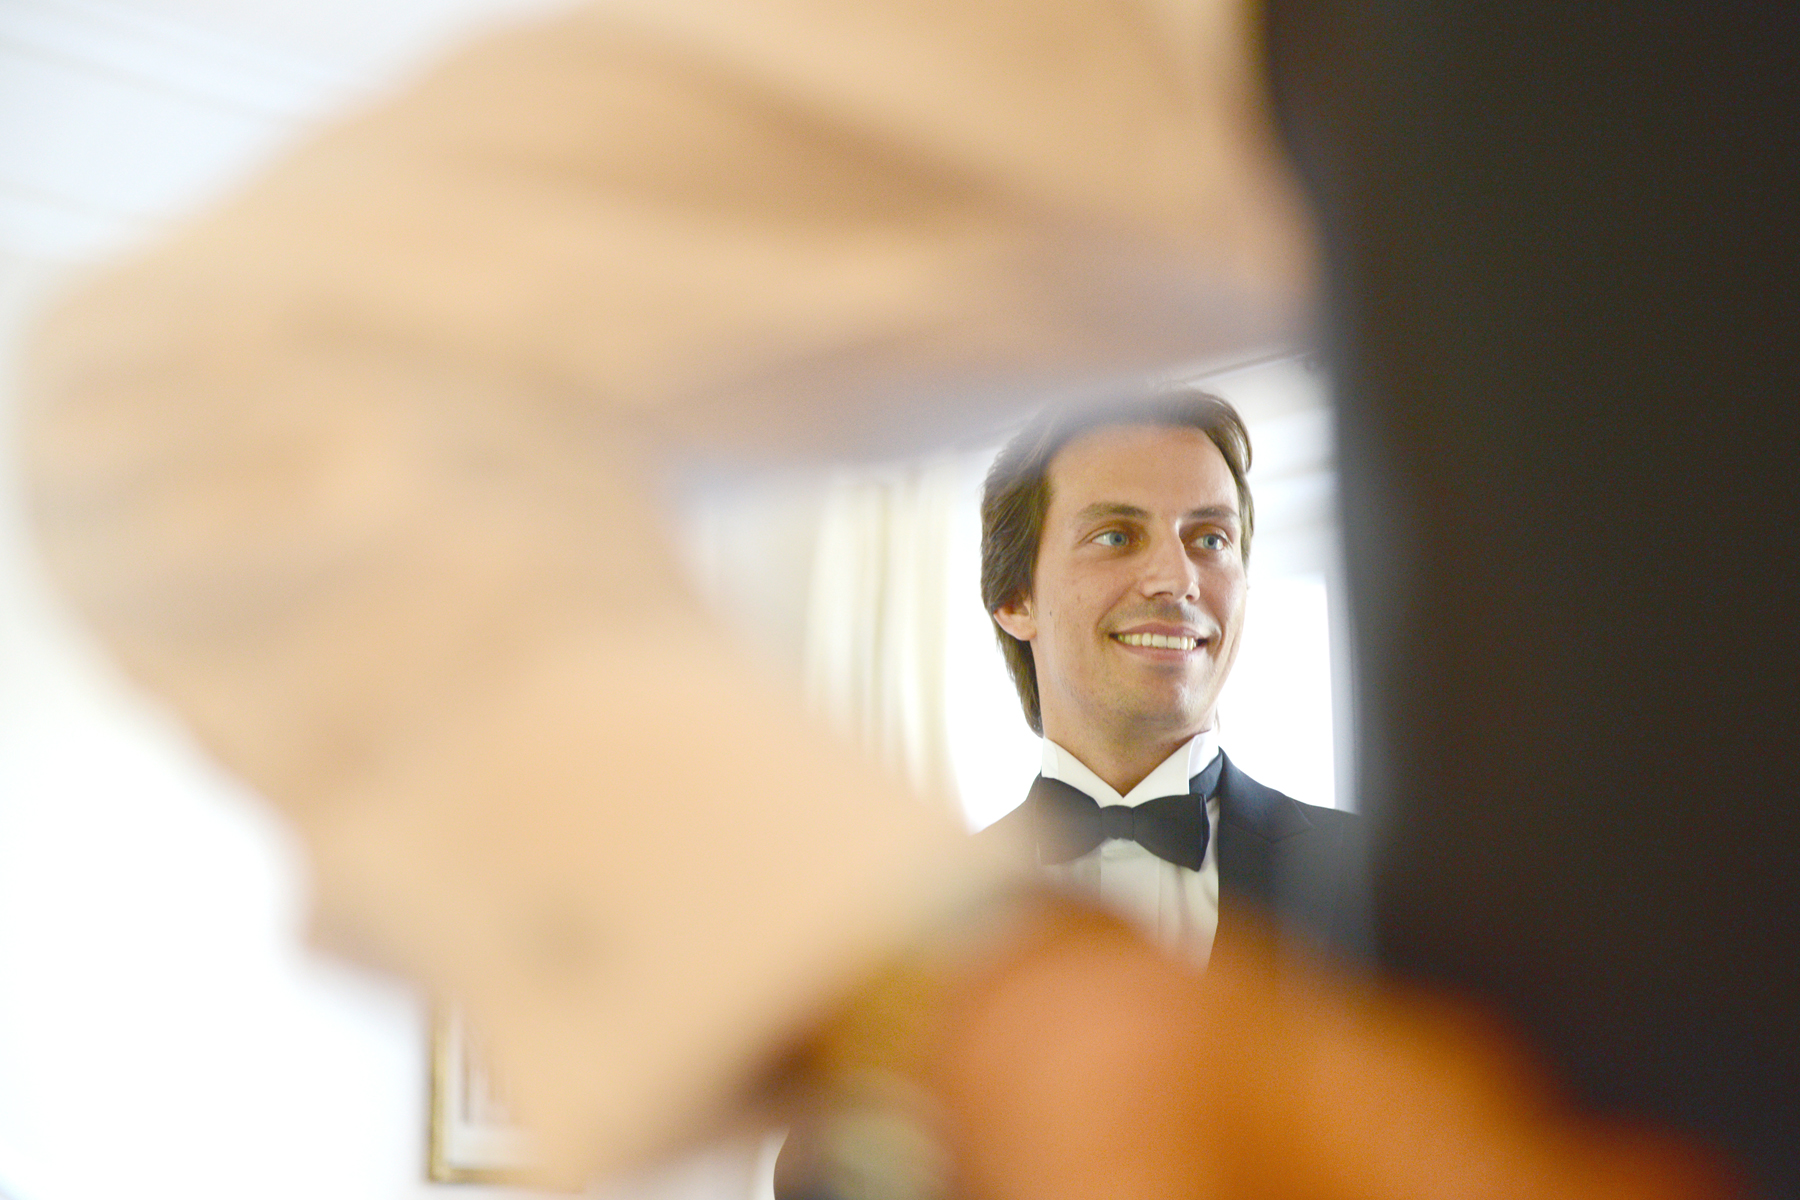 Villa Padierna hotel groom